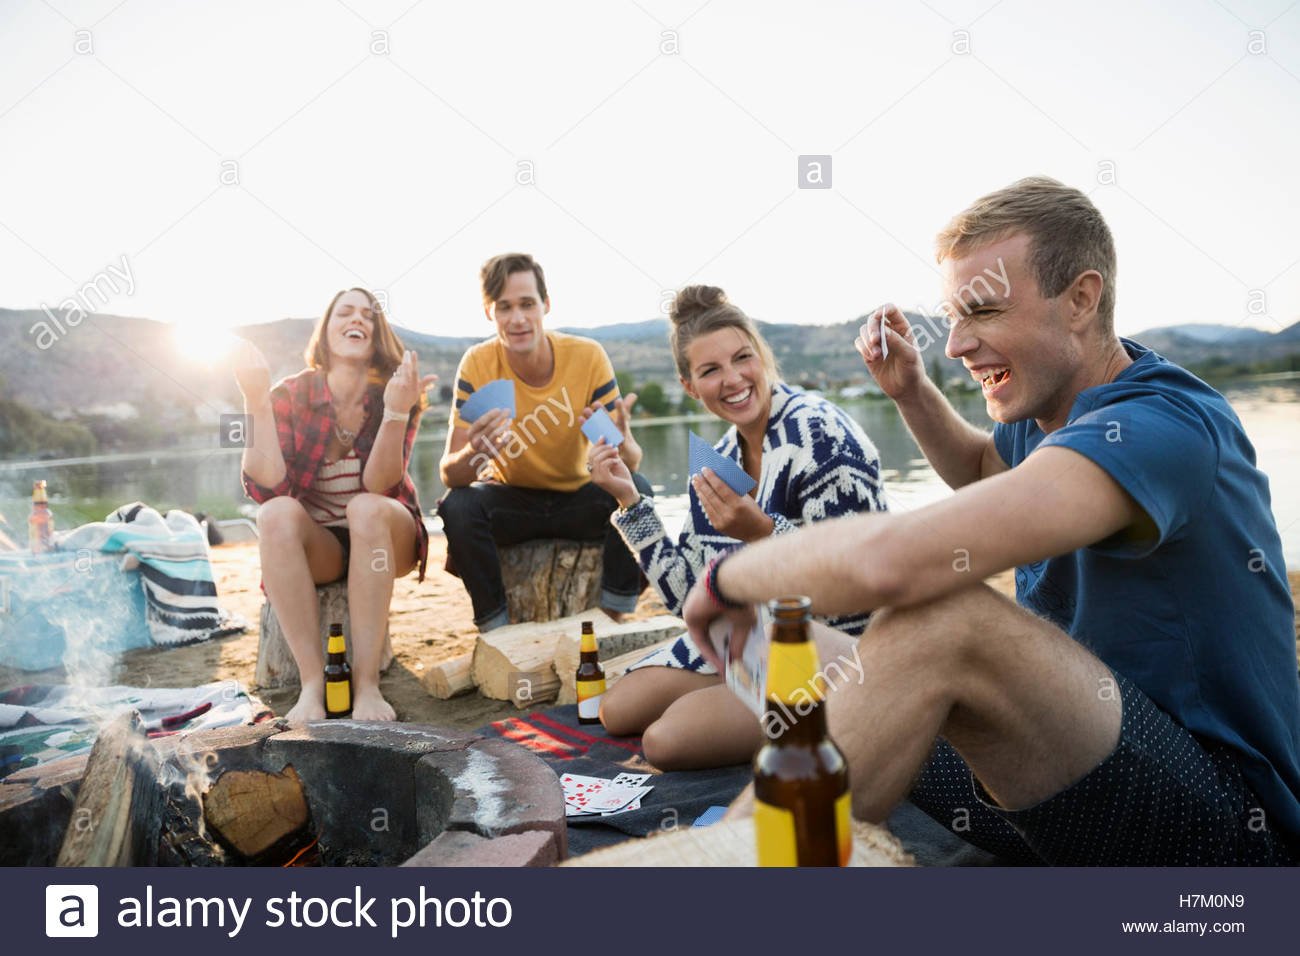 Coppie giovani gesticolando giocando a carte in estate spiaggia campeggio Immagini Stock